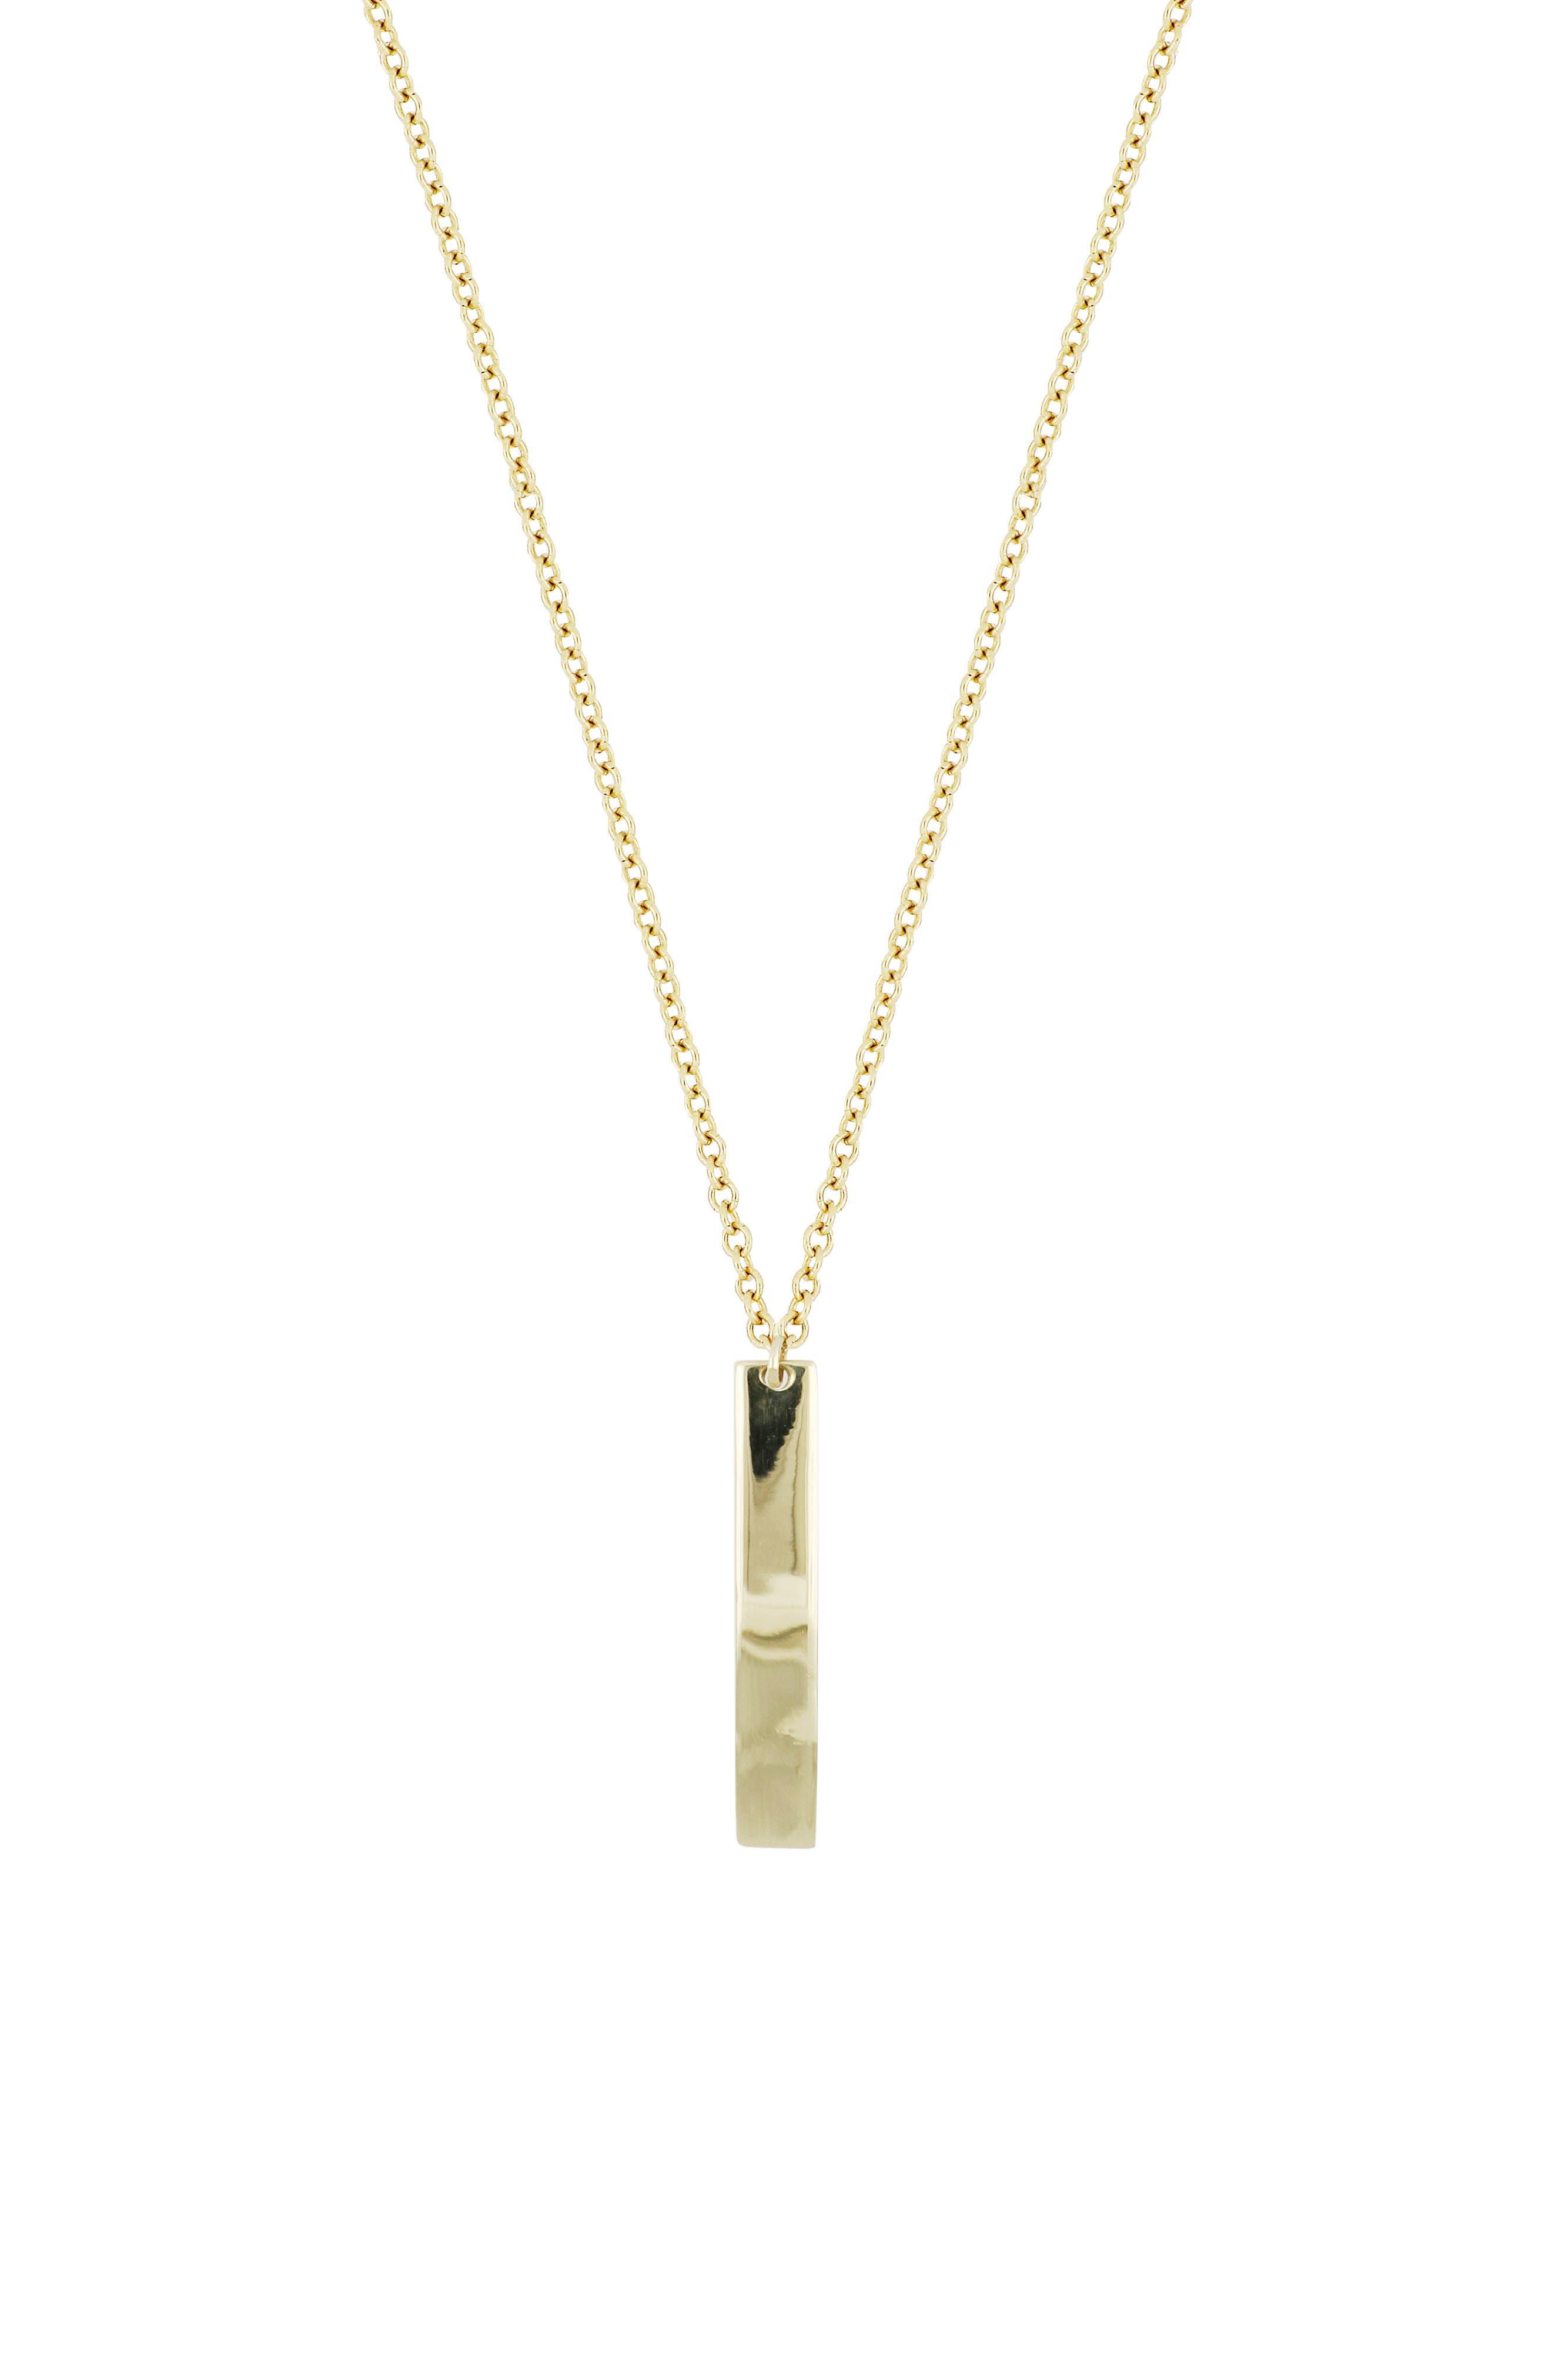 14K Gold Bar Pendant Necklace,                             Main thumbnail 1, color,                             710